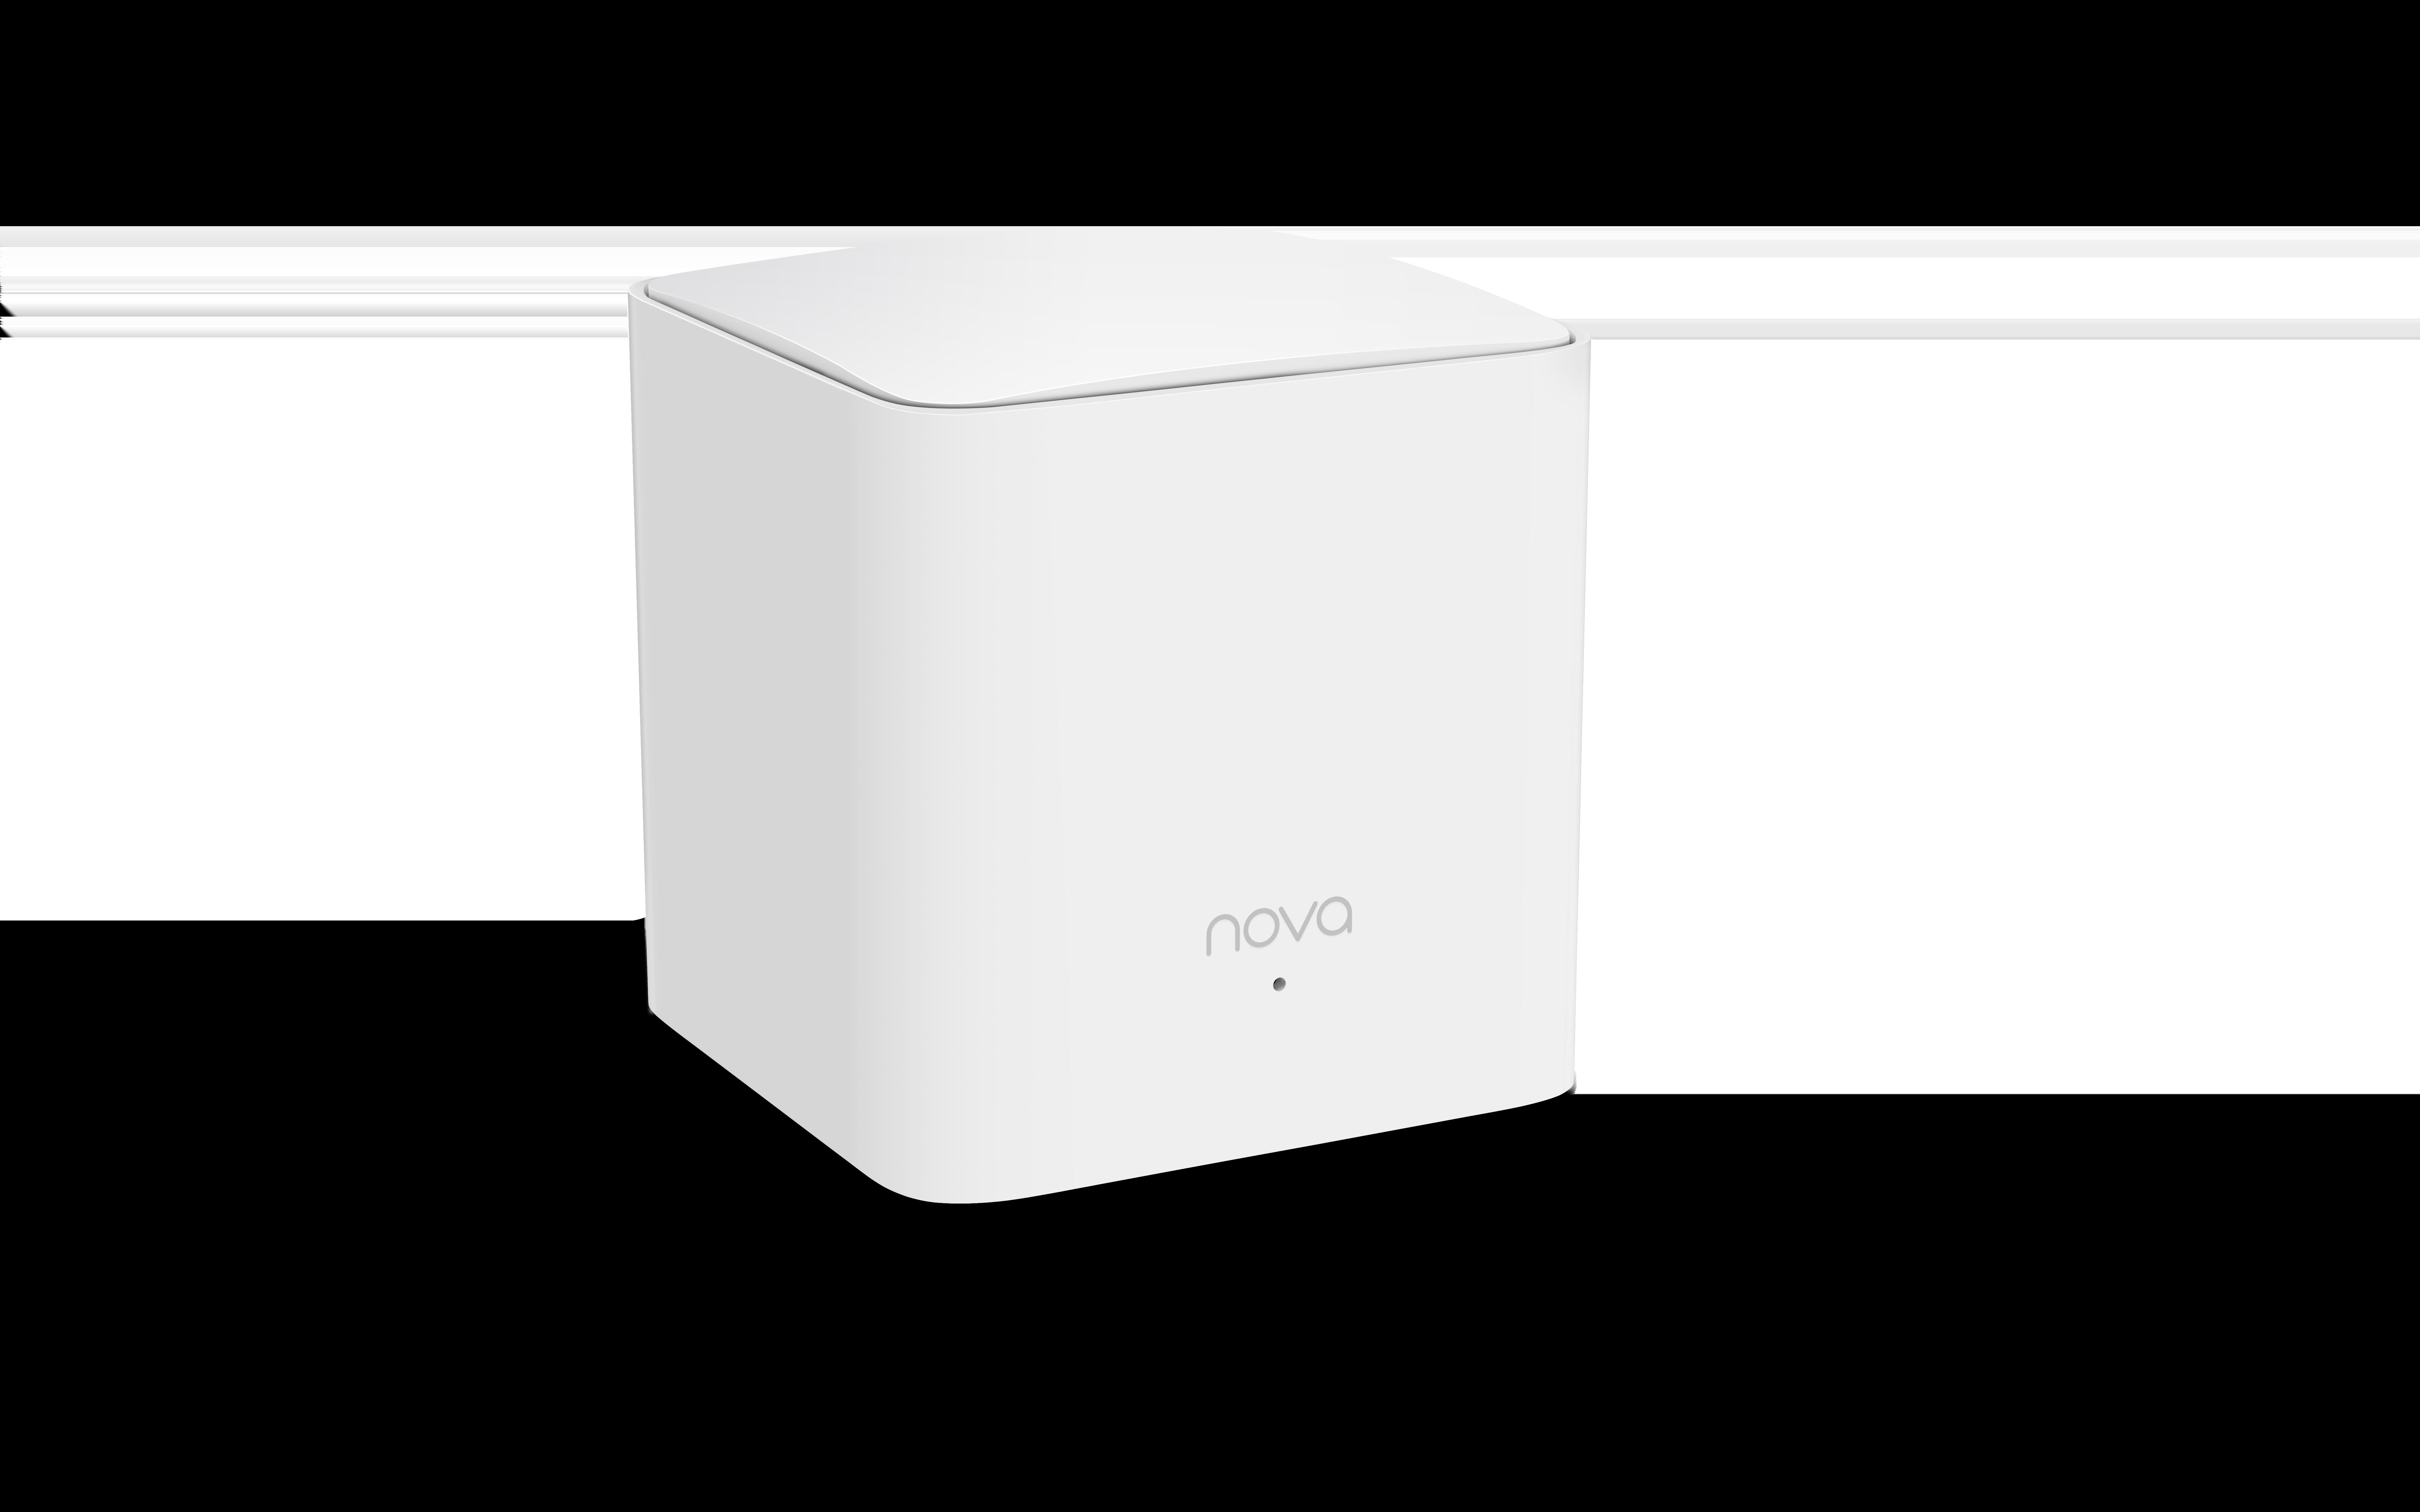 Tenda Nova Mw5G: Ampia Copertura Wi-Fi, Flessibilità E Supporto Tecnologia Mesh 2 - Hynerd.it